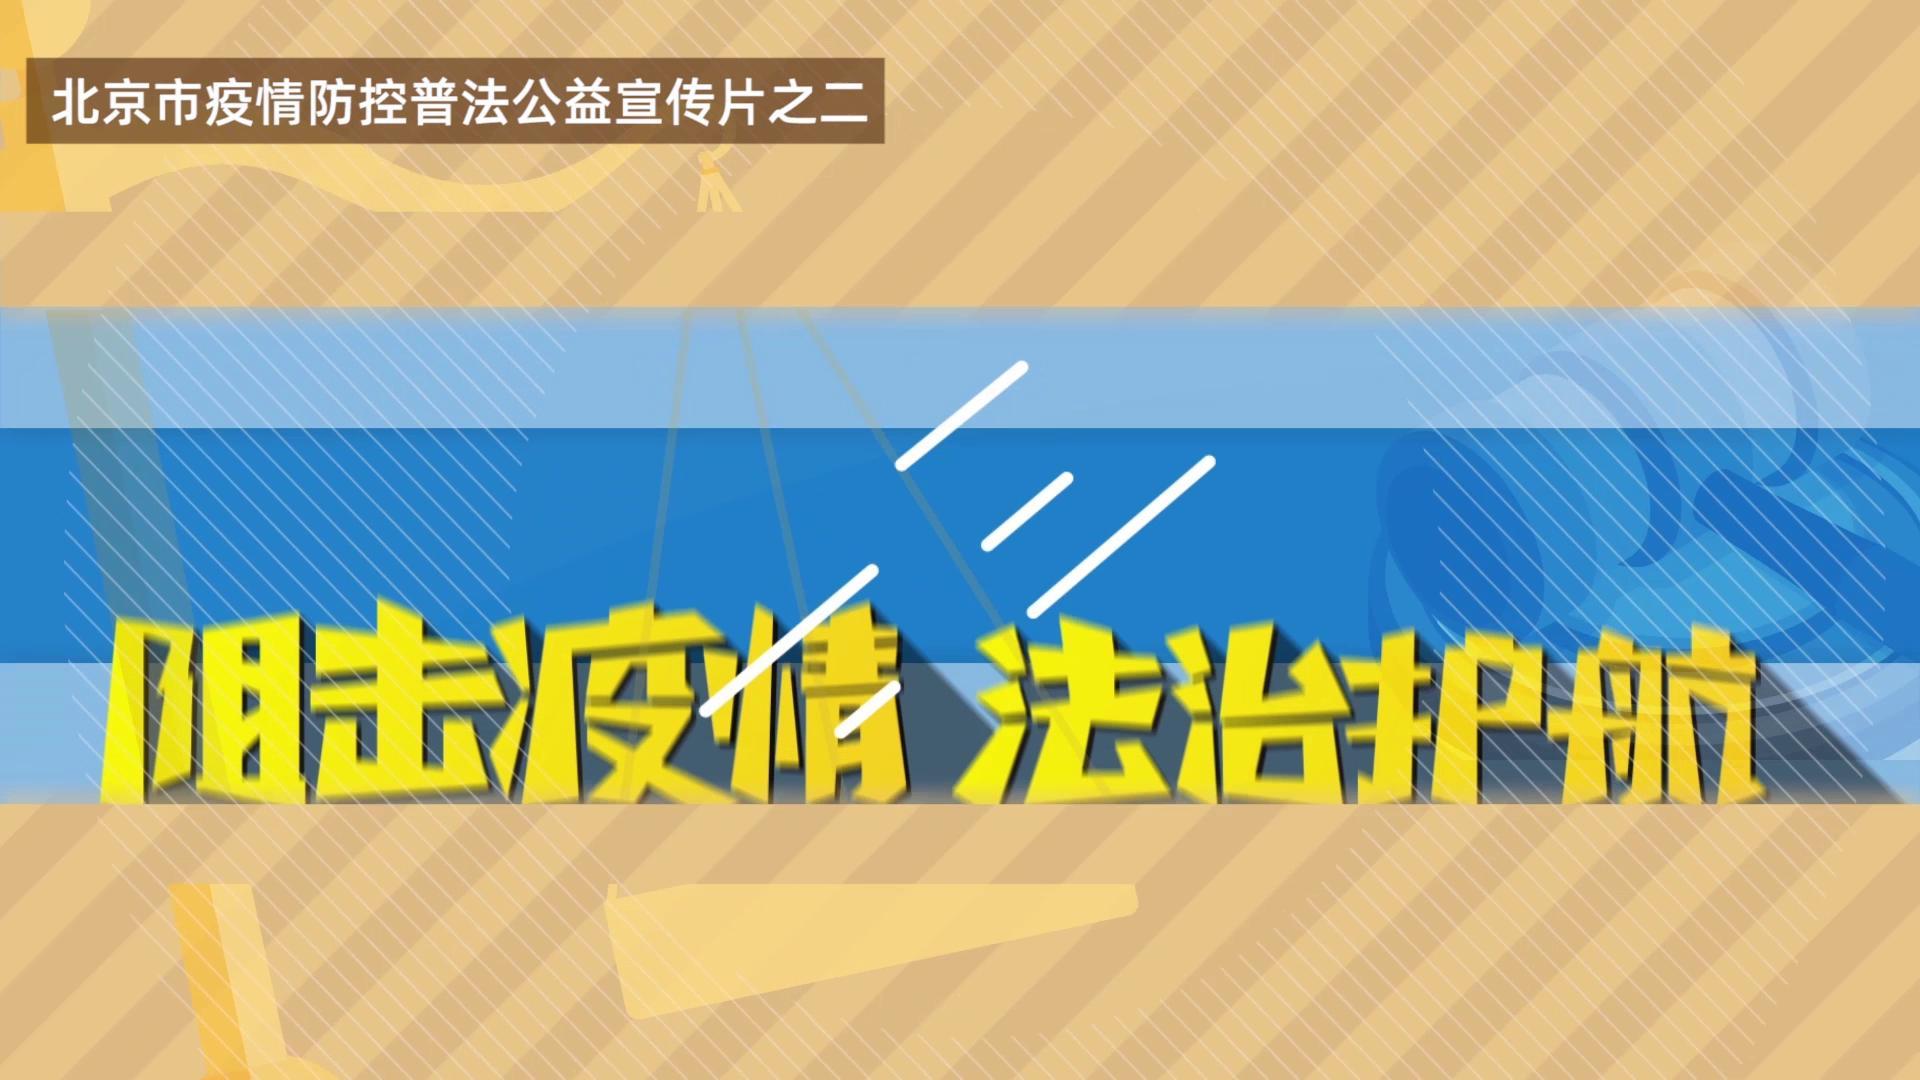 北京市疫情防控公益普法宣传片之二